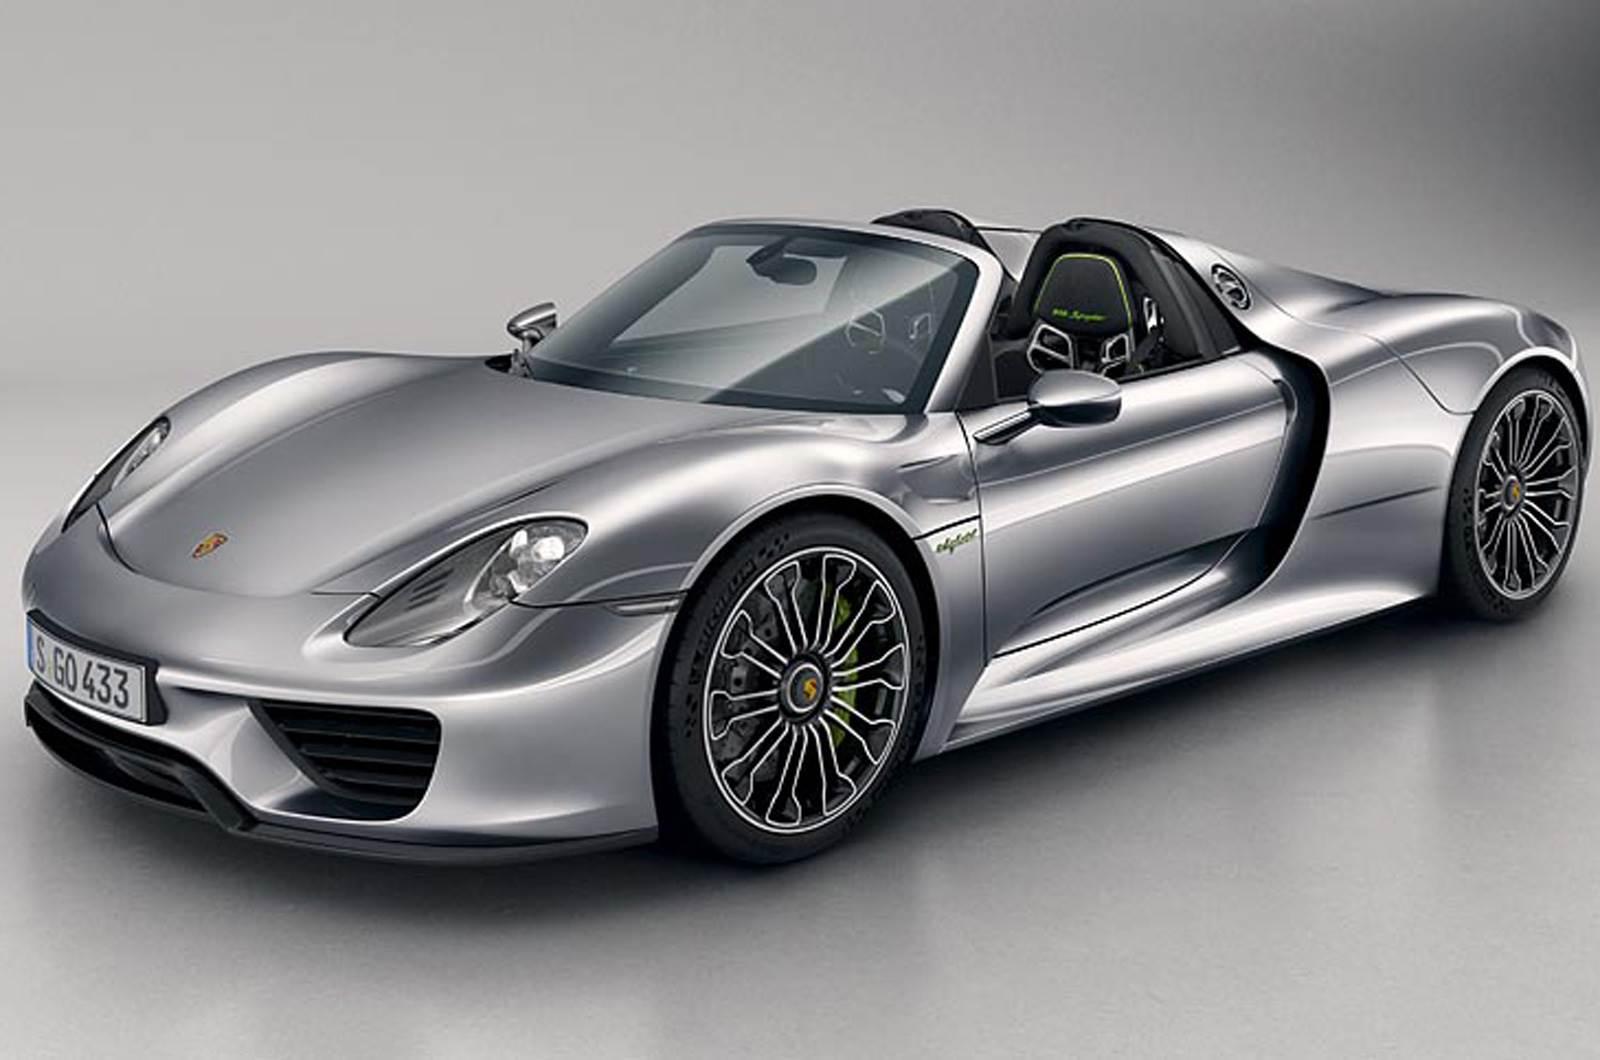 Porsche 918 Spyder photo gallery